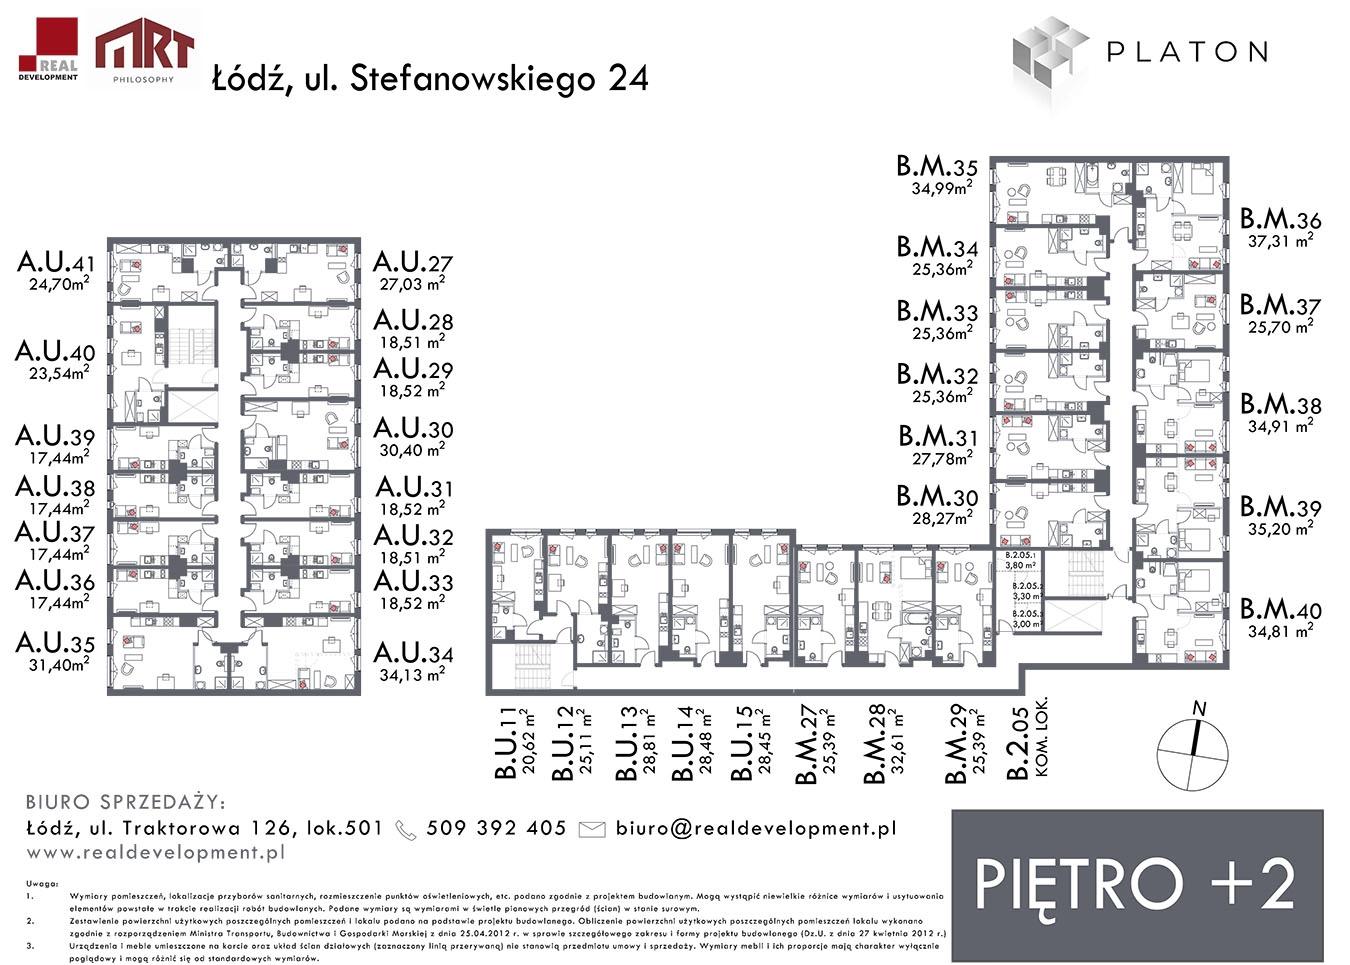 Platon - Piętro 2